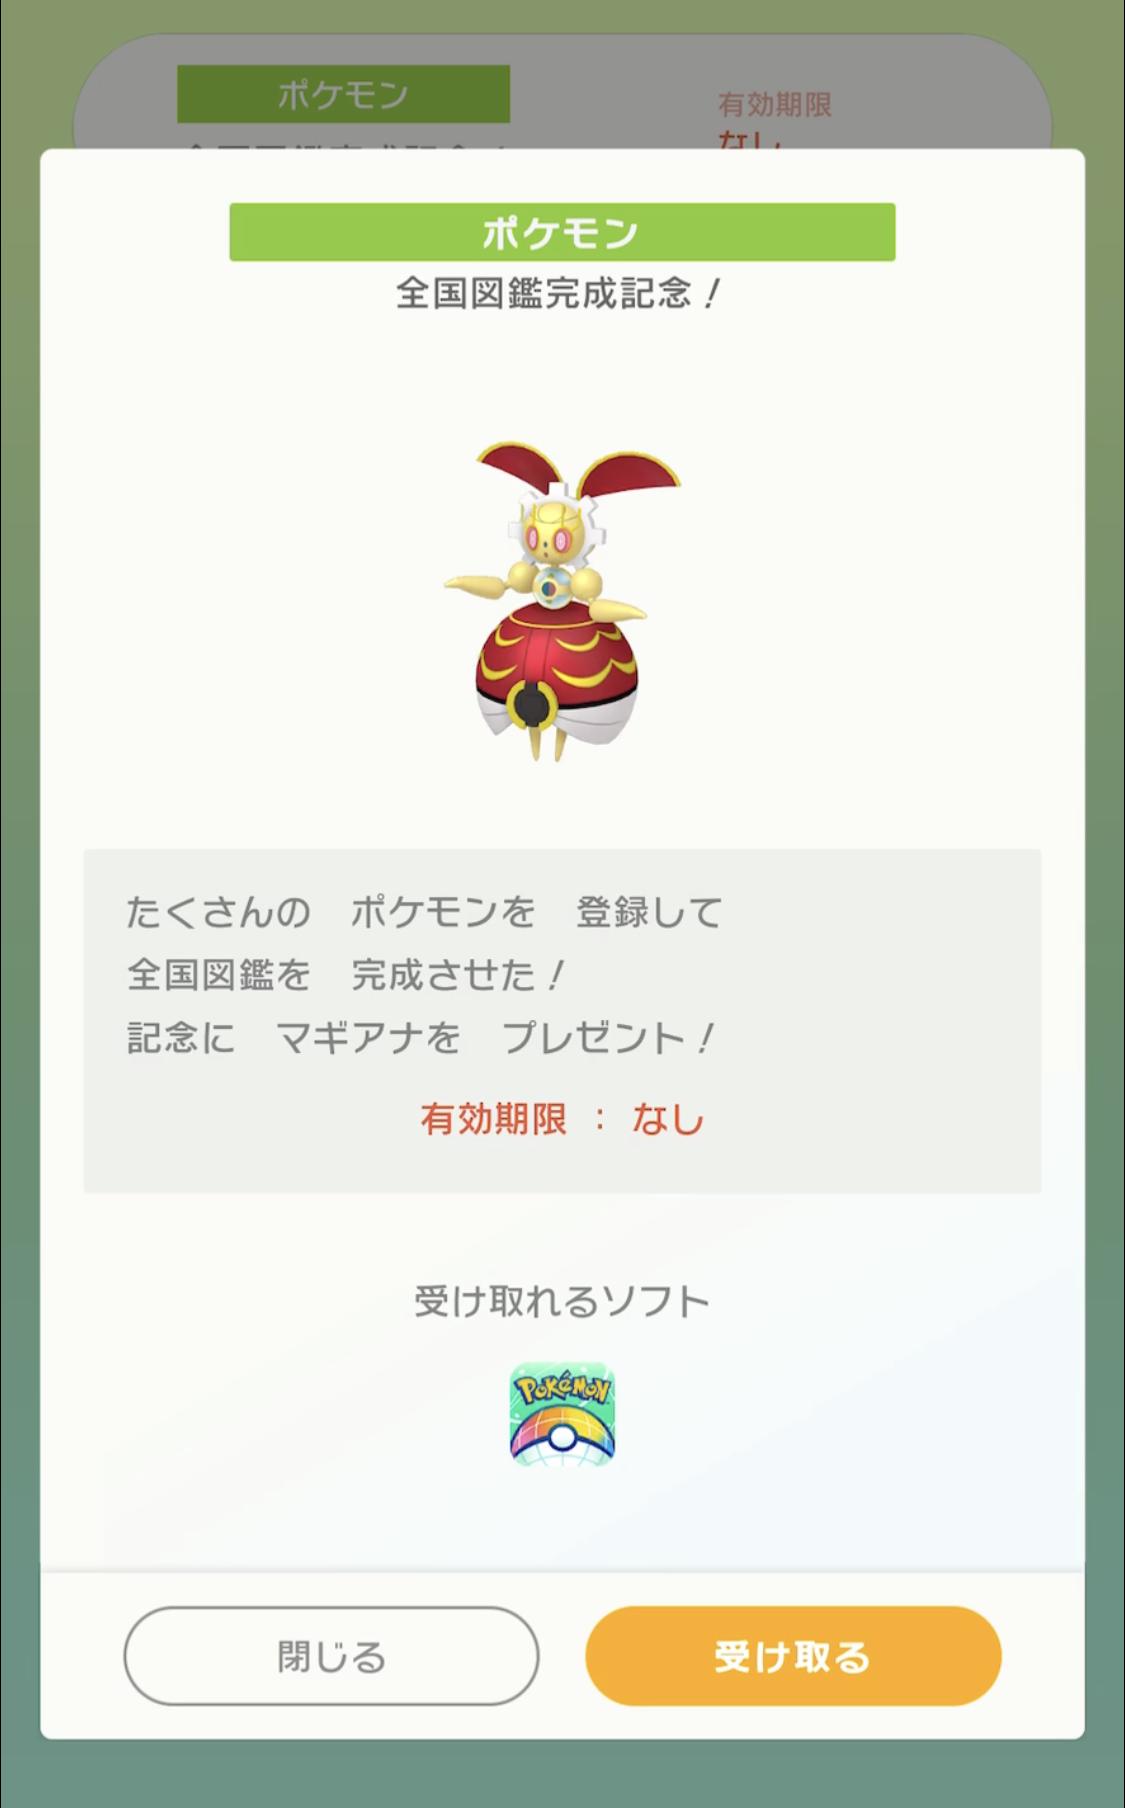 ソード 図鑑 完成 ポケモン